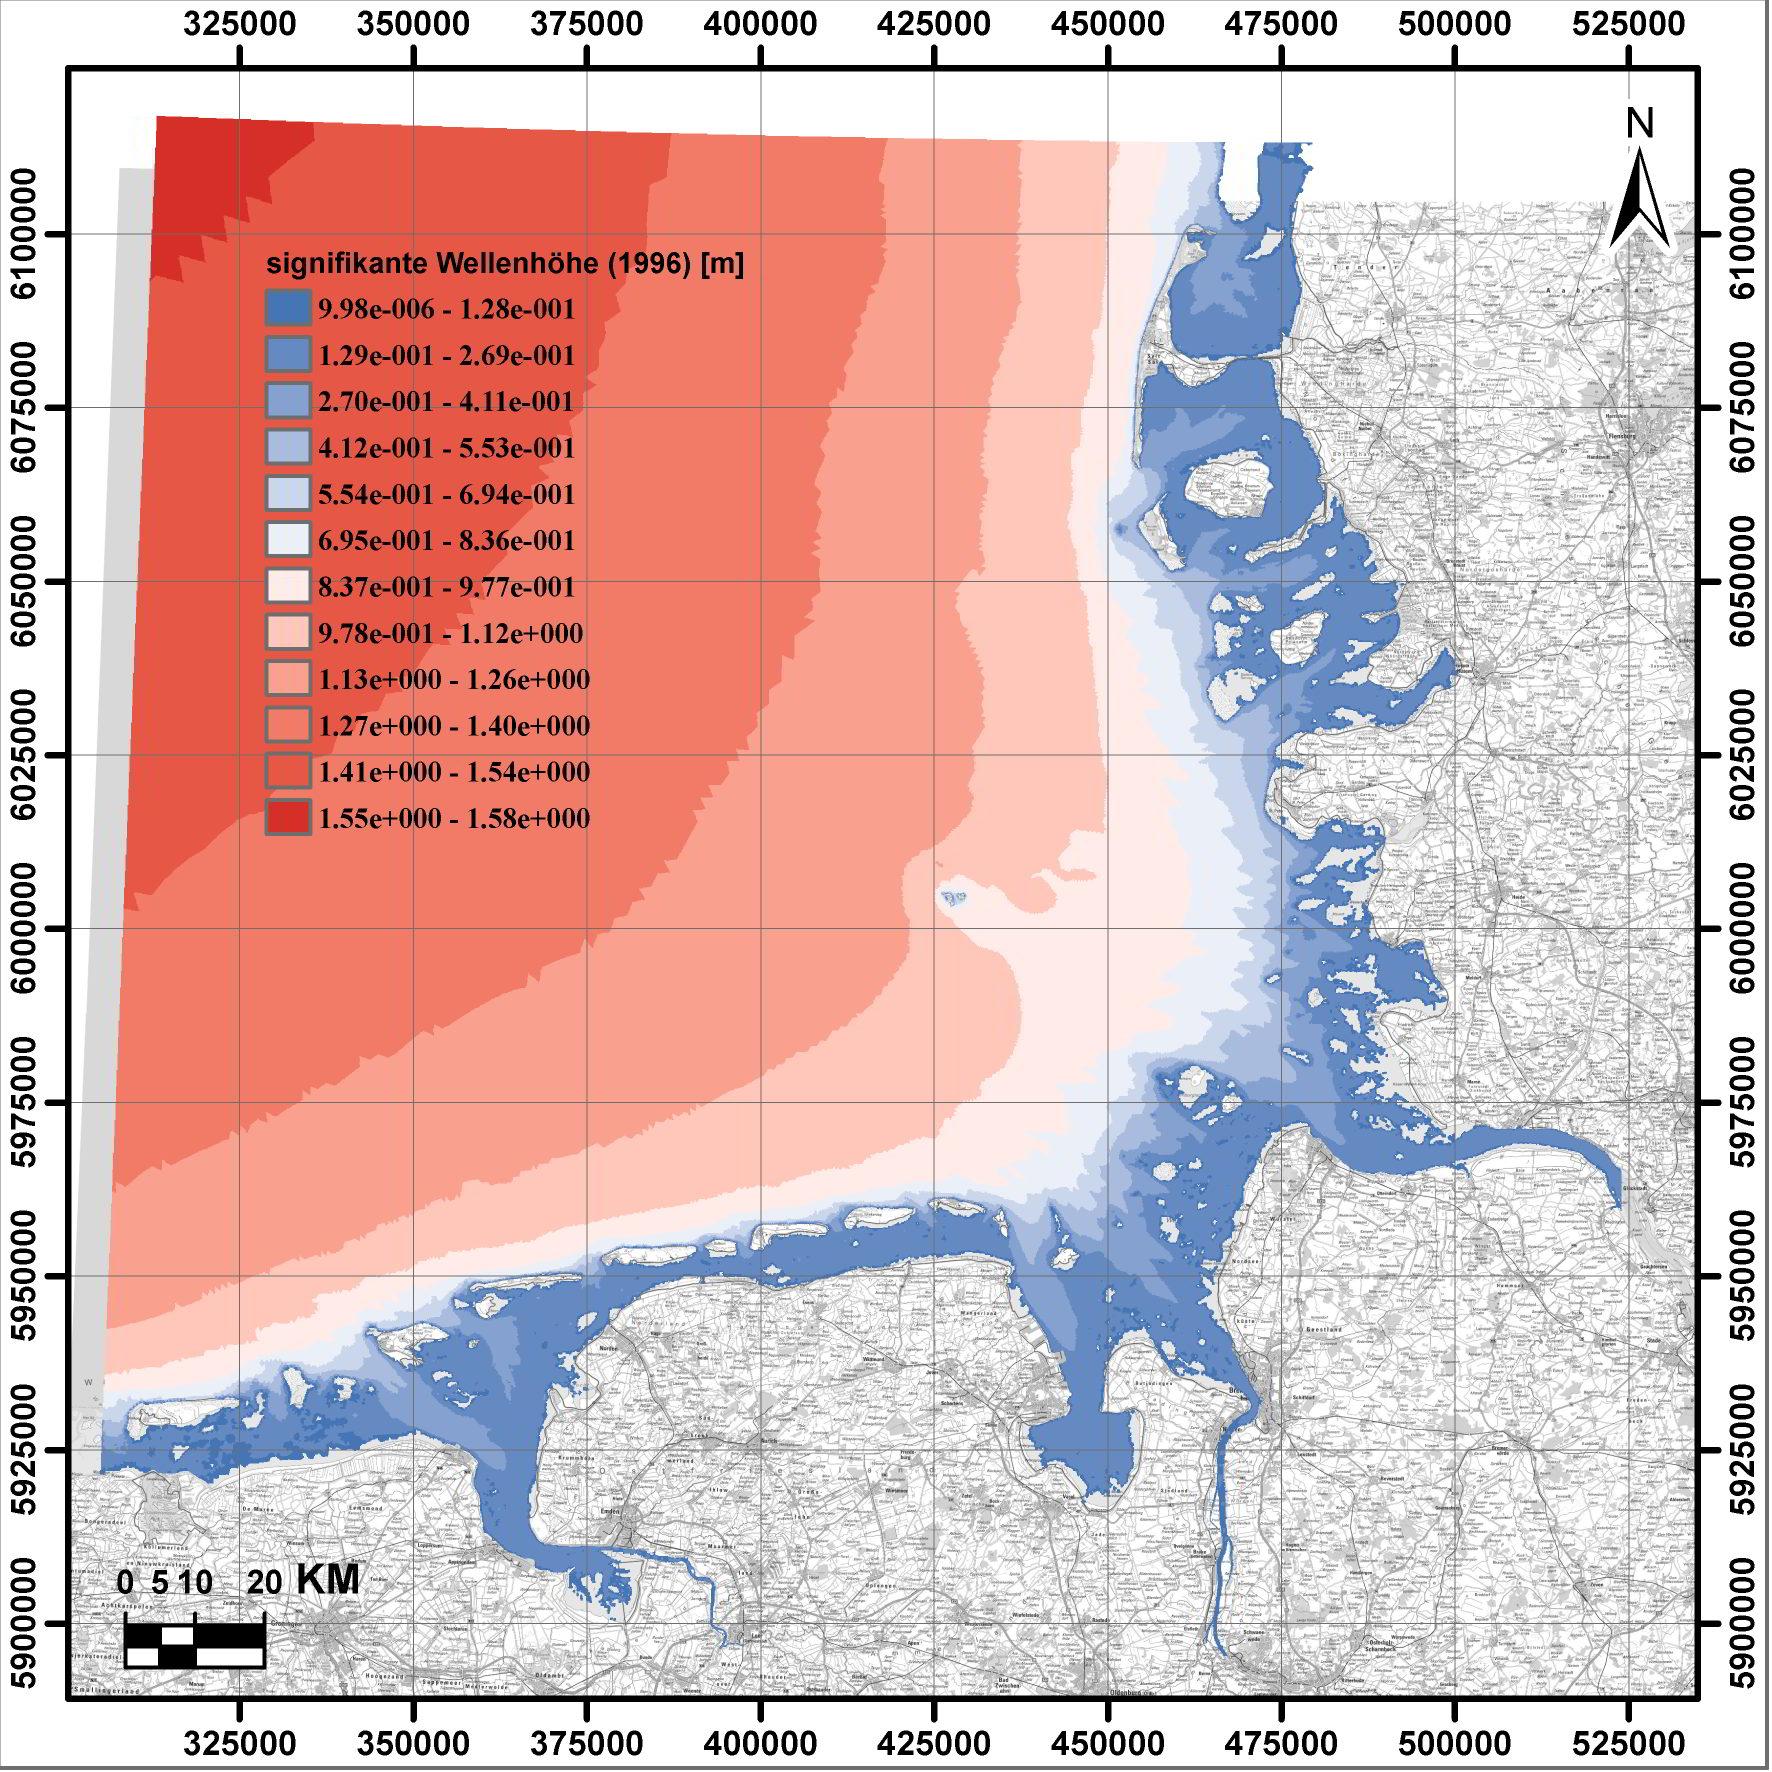 Darstellung der mittleren signifikanten Wellenhöhefür das Jahr 1996